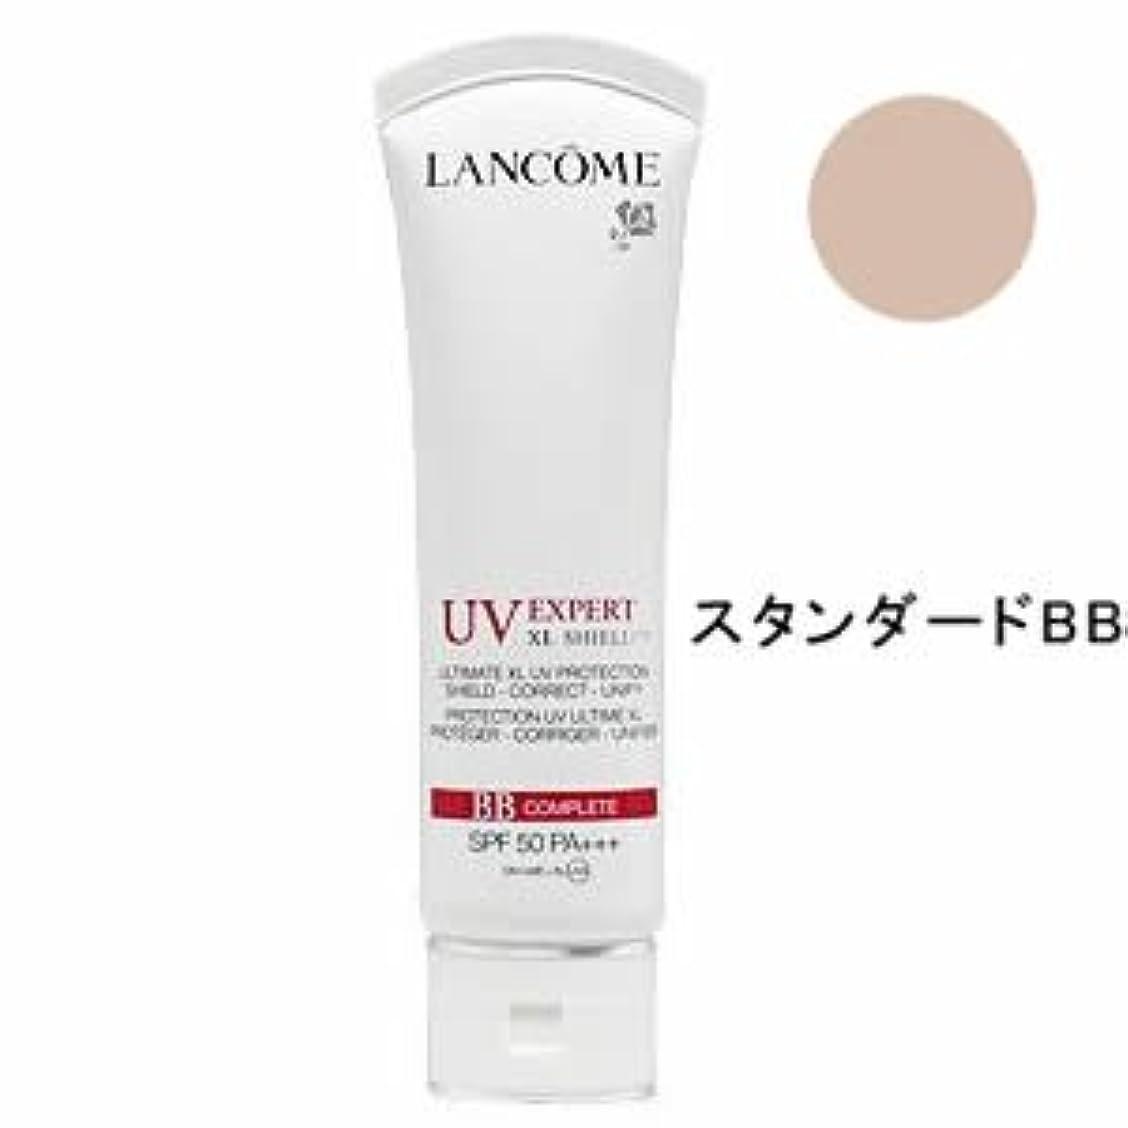 酸化物紀元前コンチネンタル【ランコム】UV エクスペール XL BB 50ml [並行輸入品]